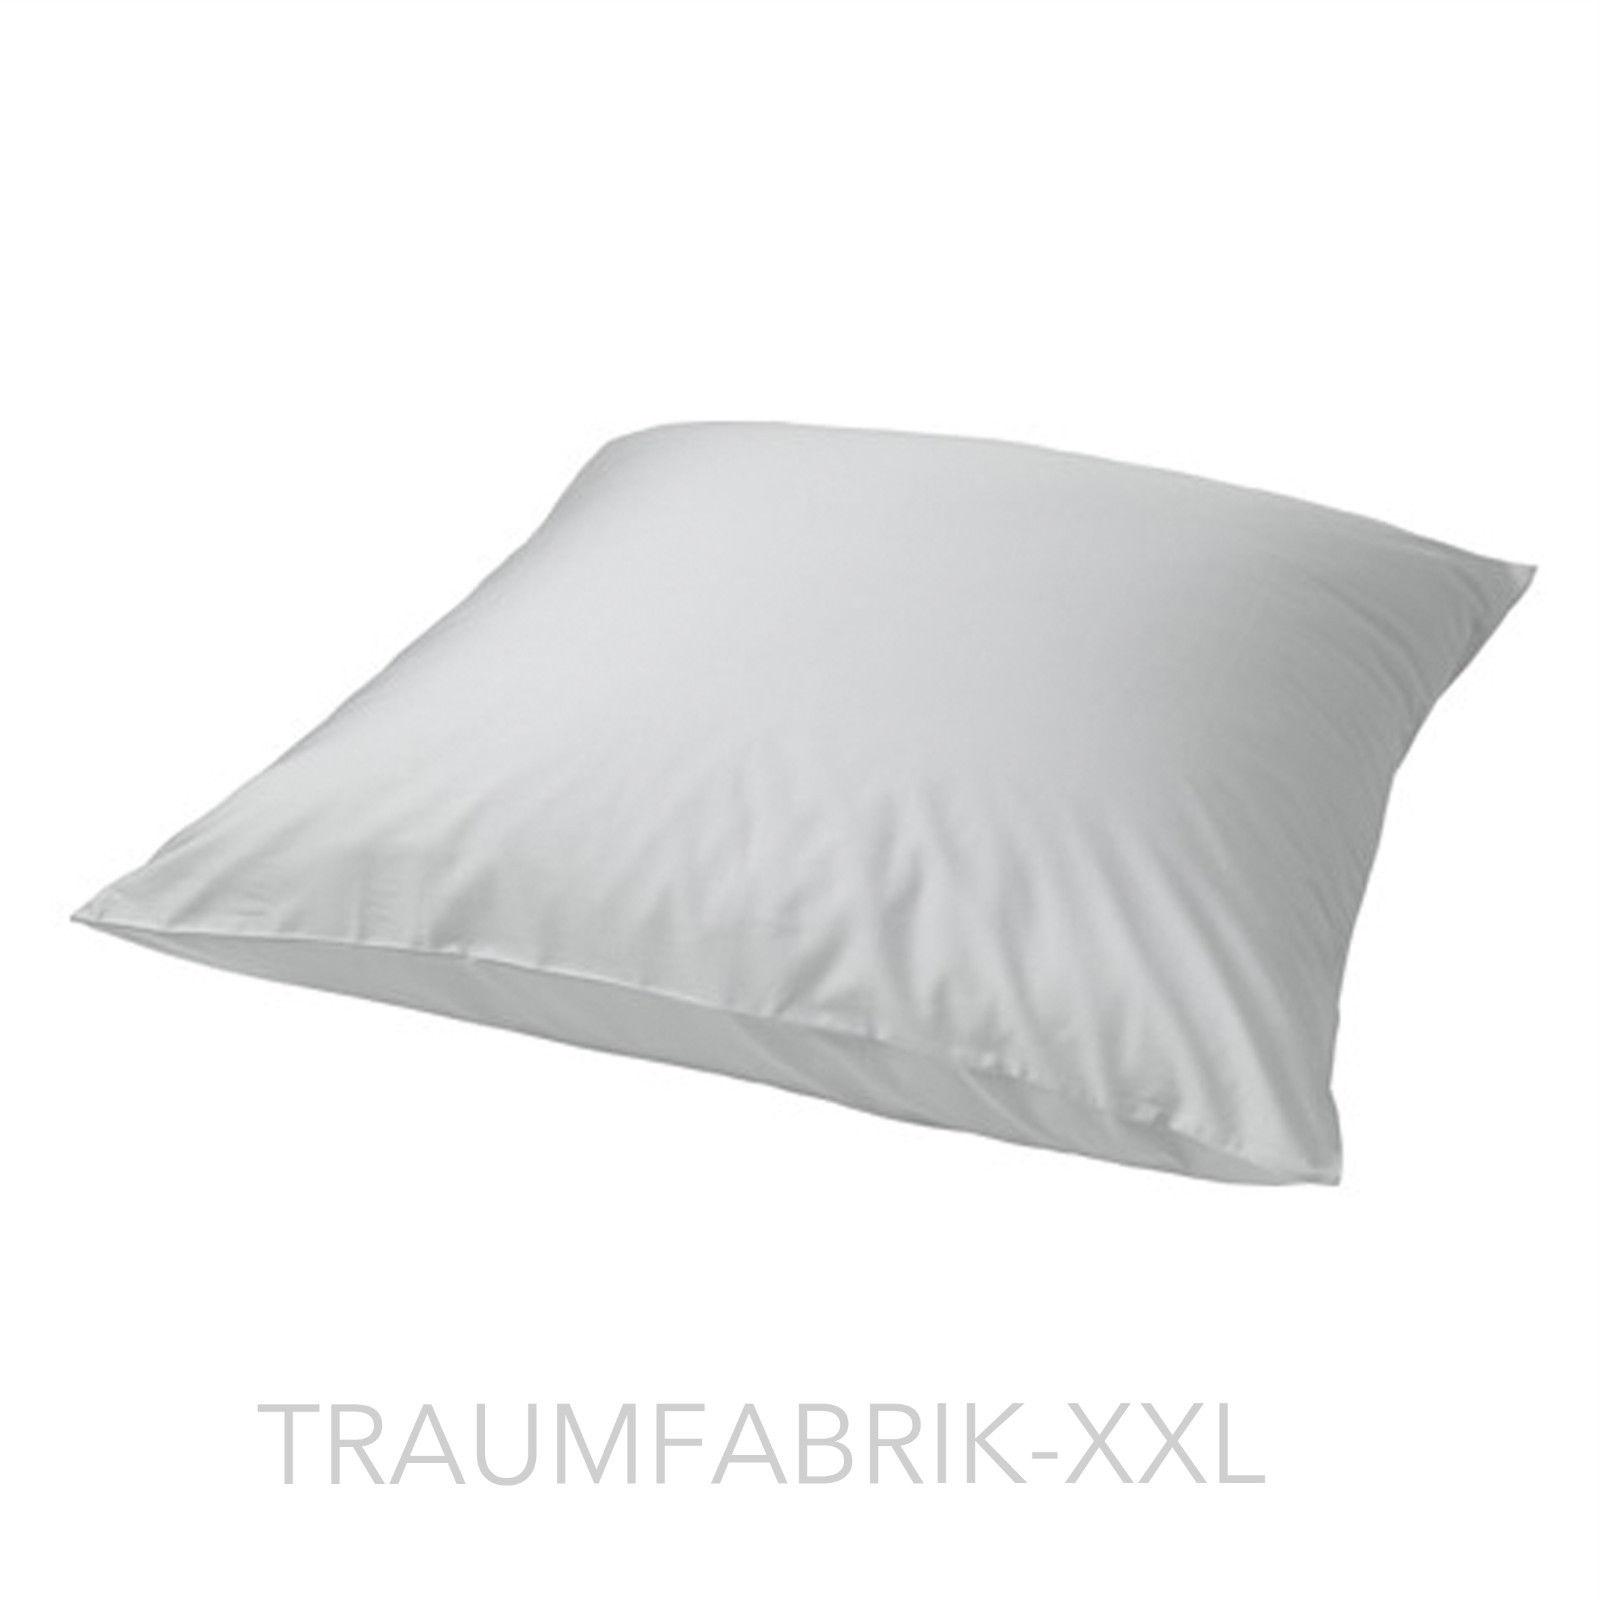 ikea nattjasm kopfkissenbezug 80 80 cm bezug hell grau kissenbezug kissenh lle traumfabrik xxl. Black Bedroom Furniture Sets. Home Design Ideas